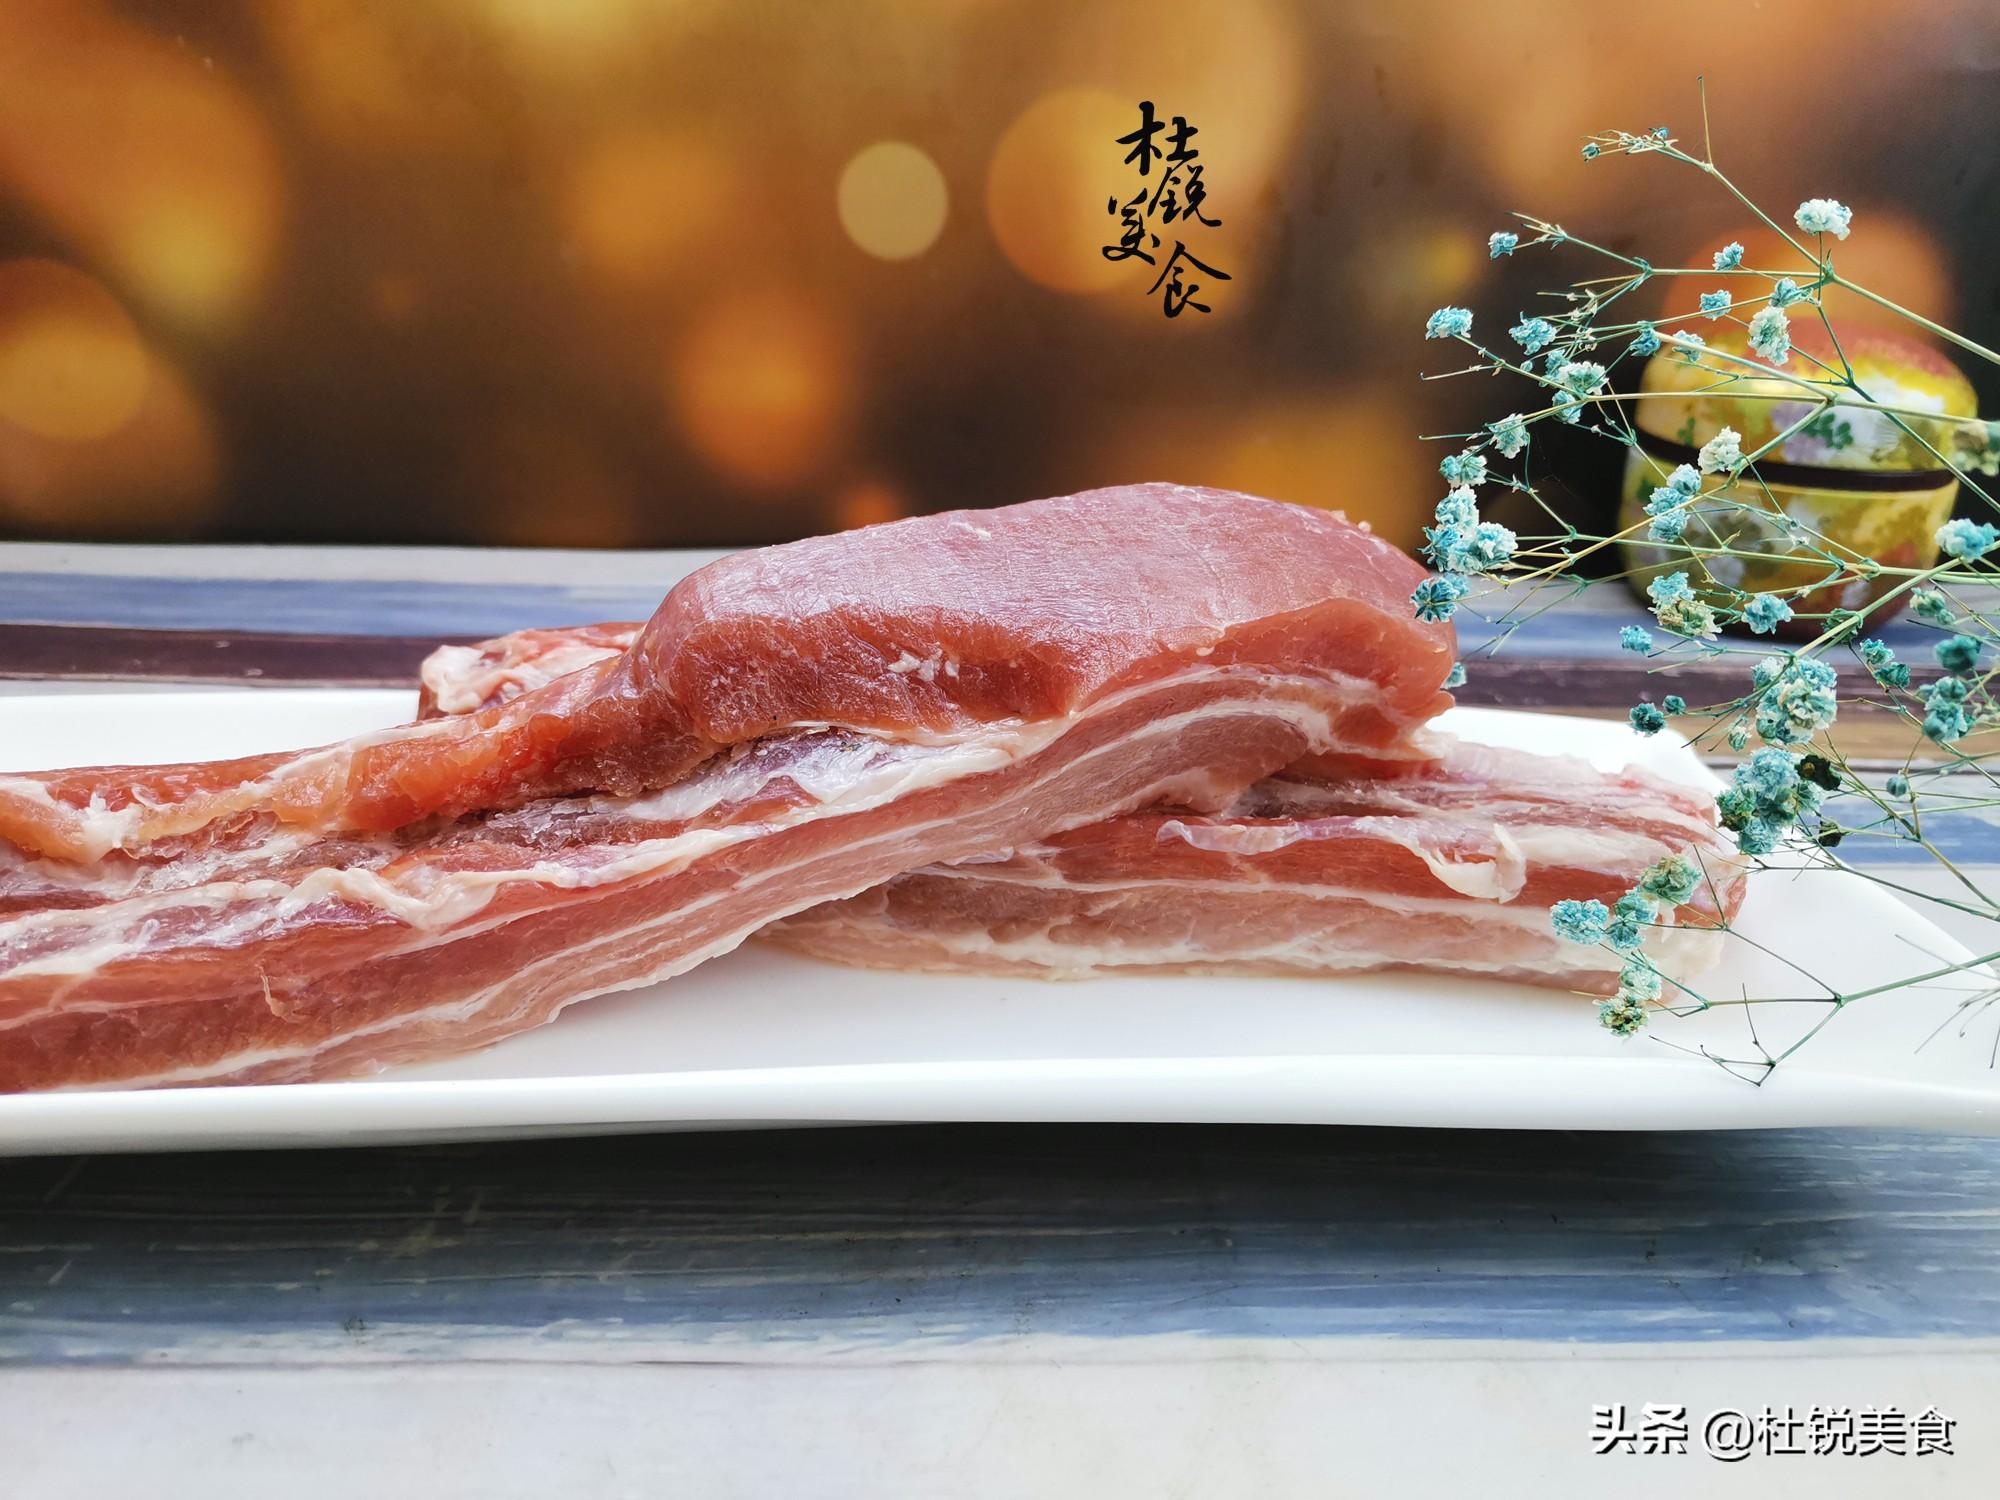 粉蒸肉美味做法,过年家宴上的吉祥菜,寓意来年日子蒸蒸日上 美食做法 第2张